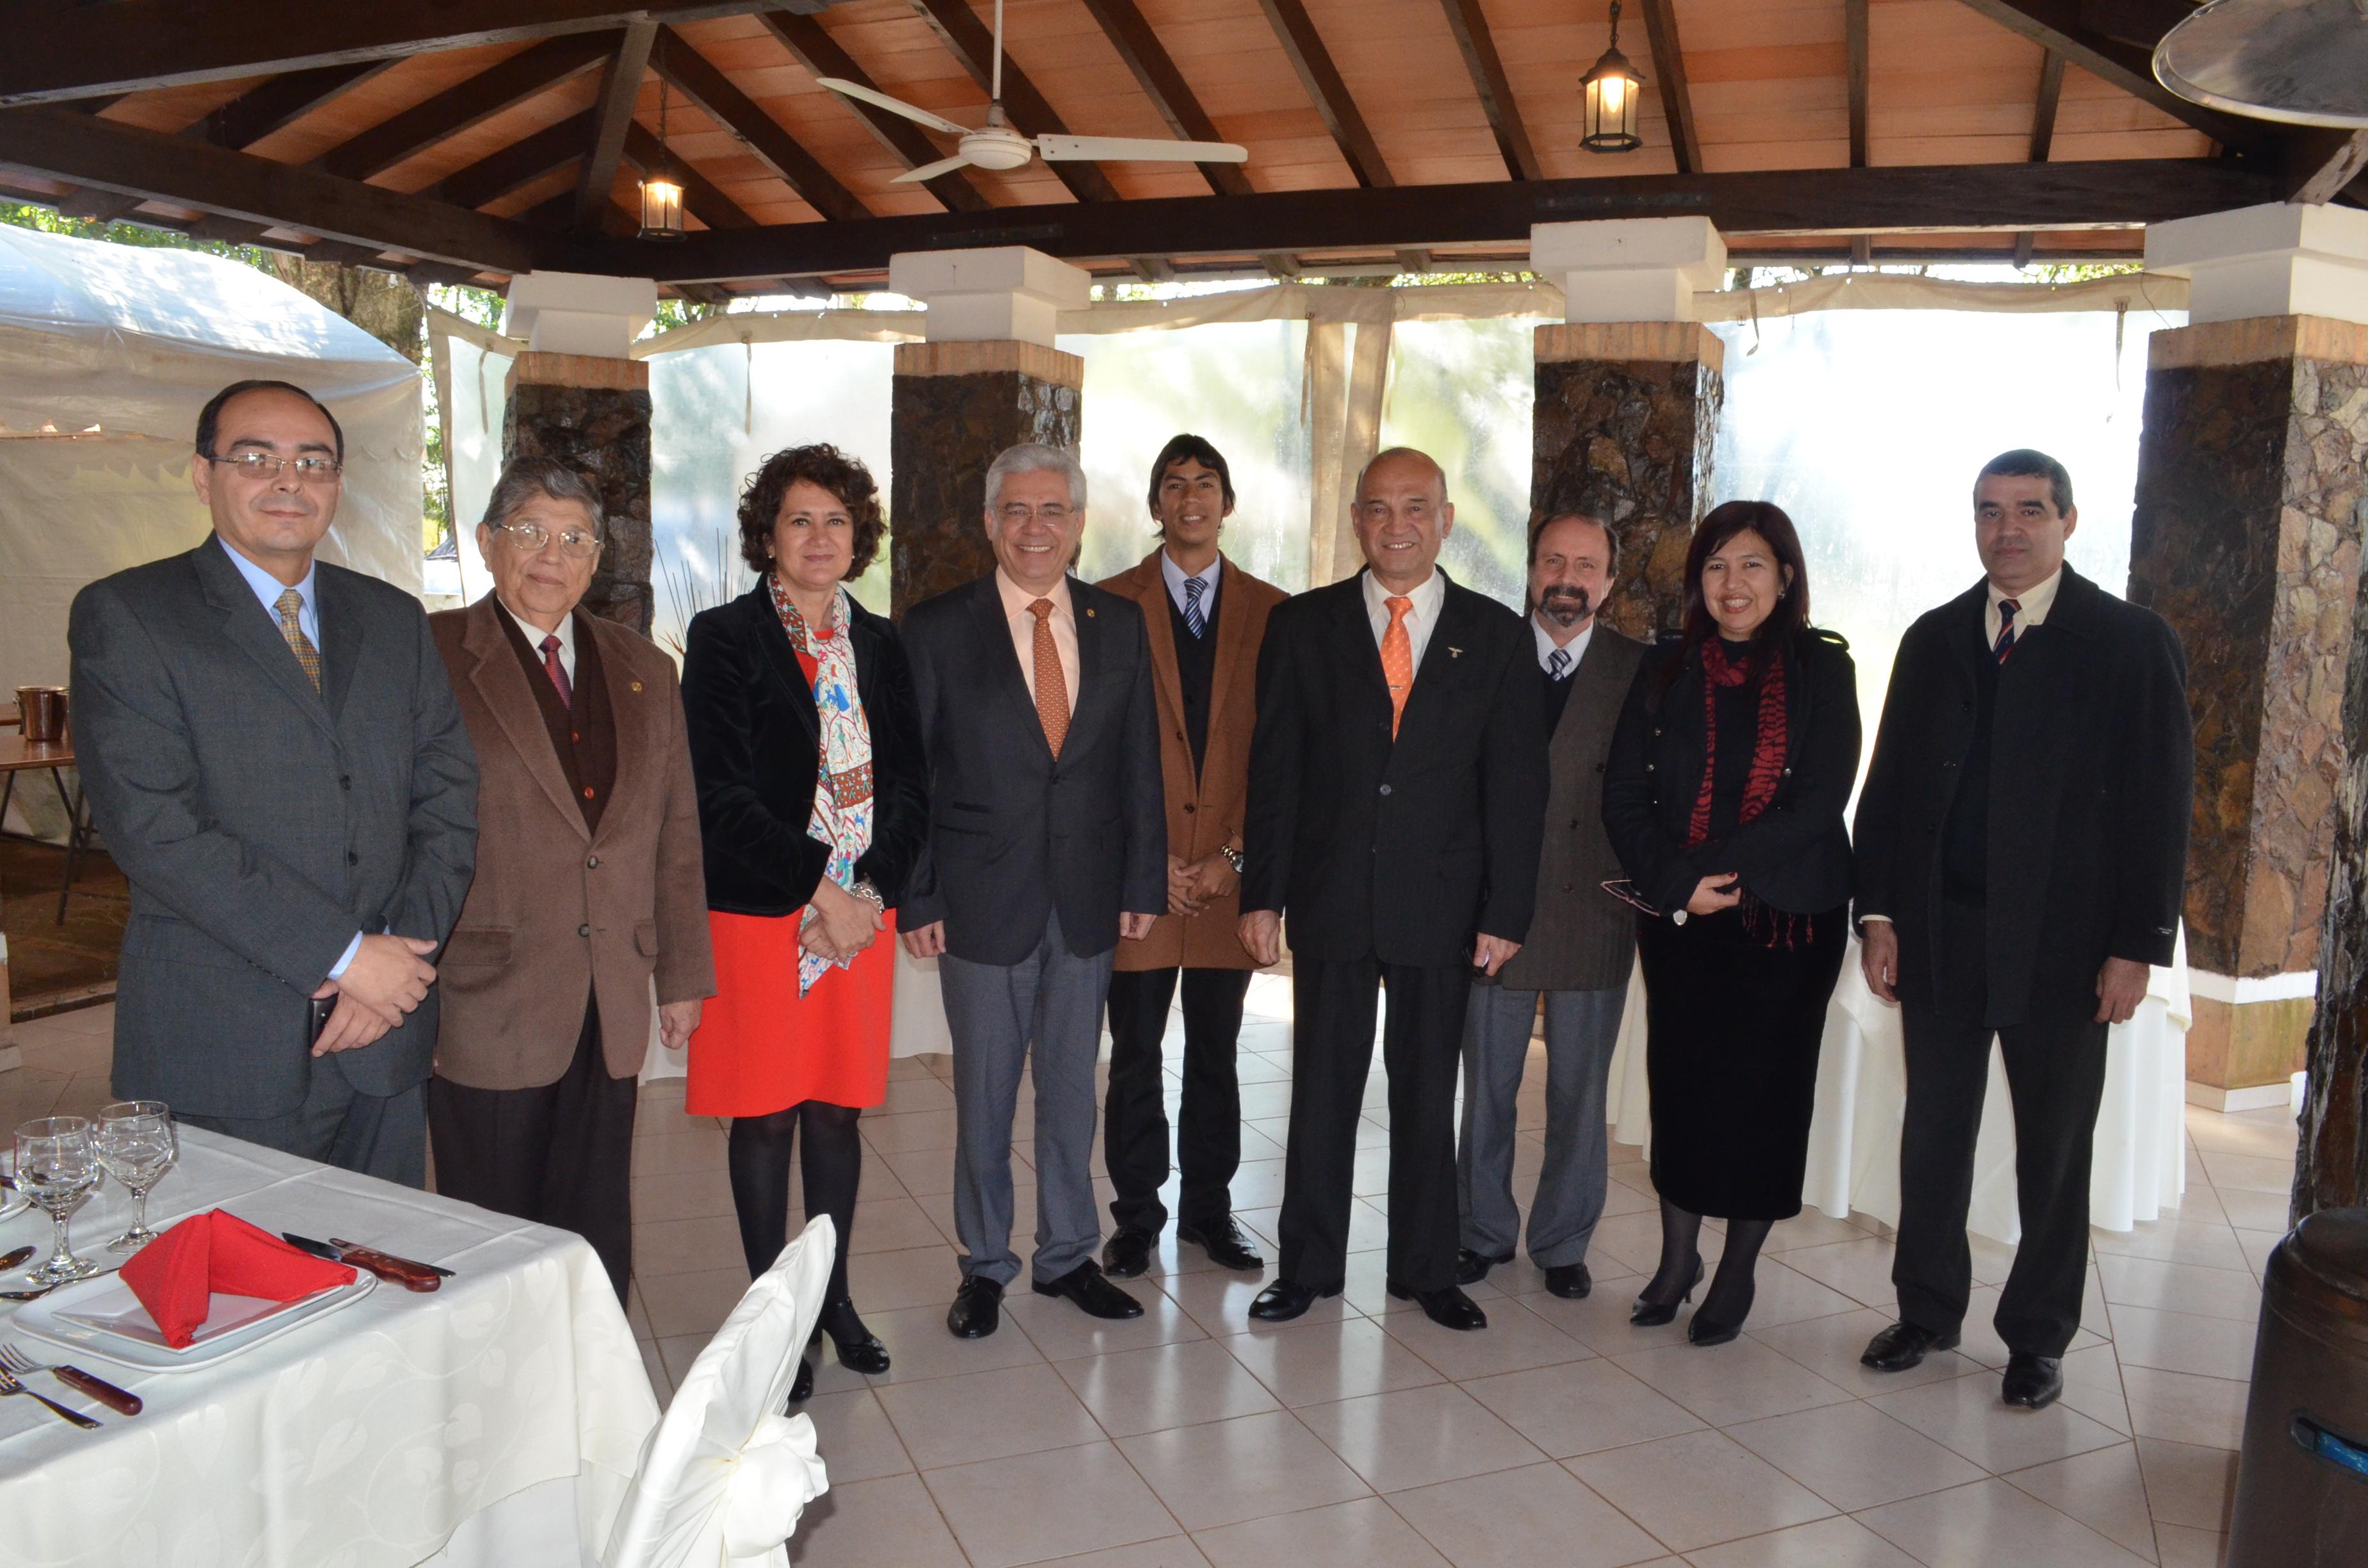 La Universidad de Salamanca refuerza la colaboración con las universidades de Columbia y Nacional de Asunción de Paraguay